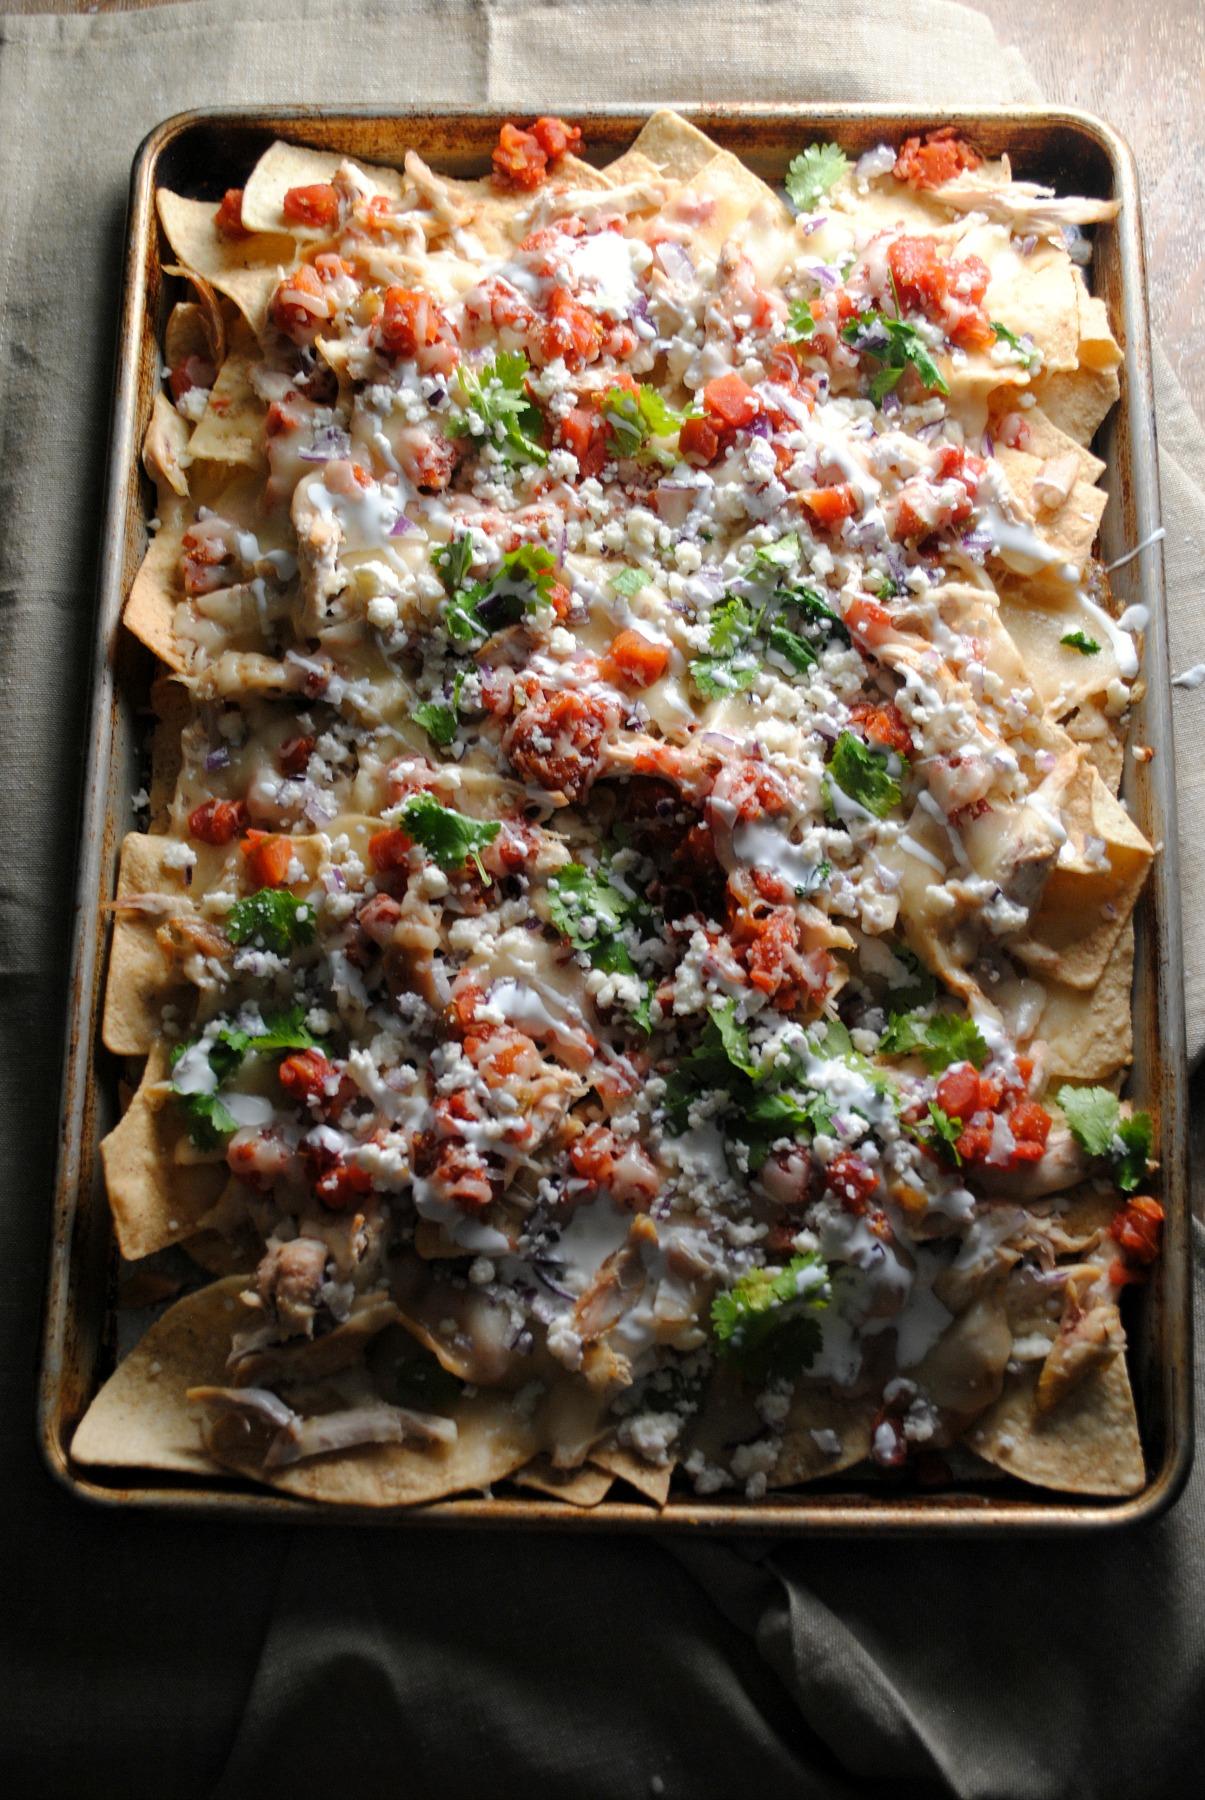 chicken-nachos-queso-fresco-topping-VianneyRodriguez